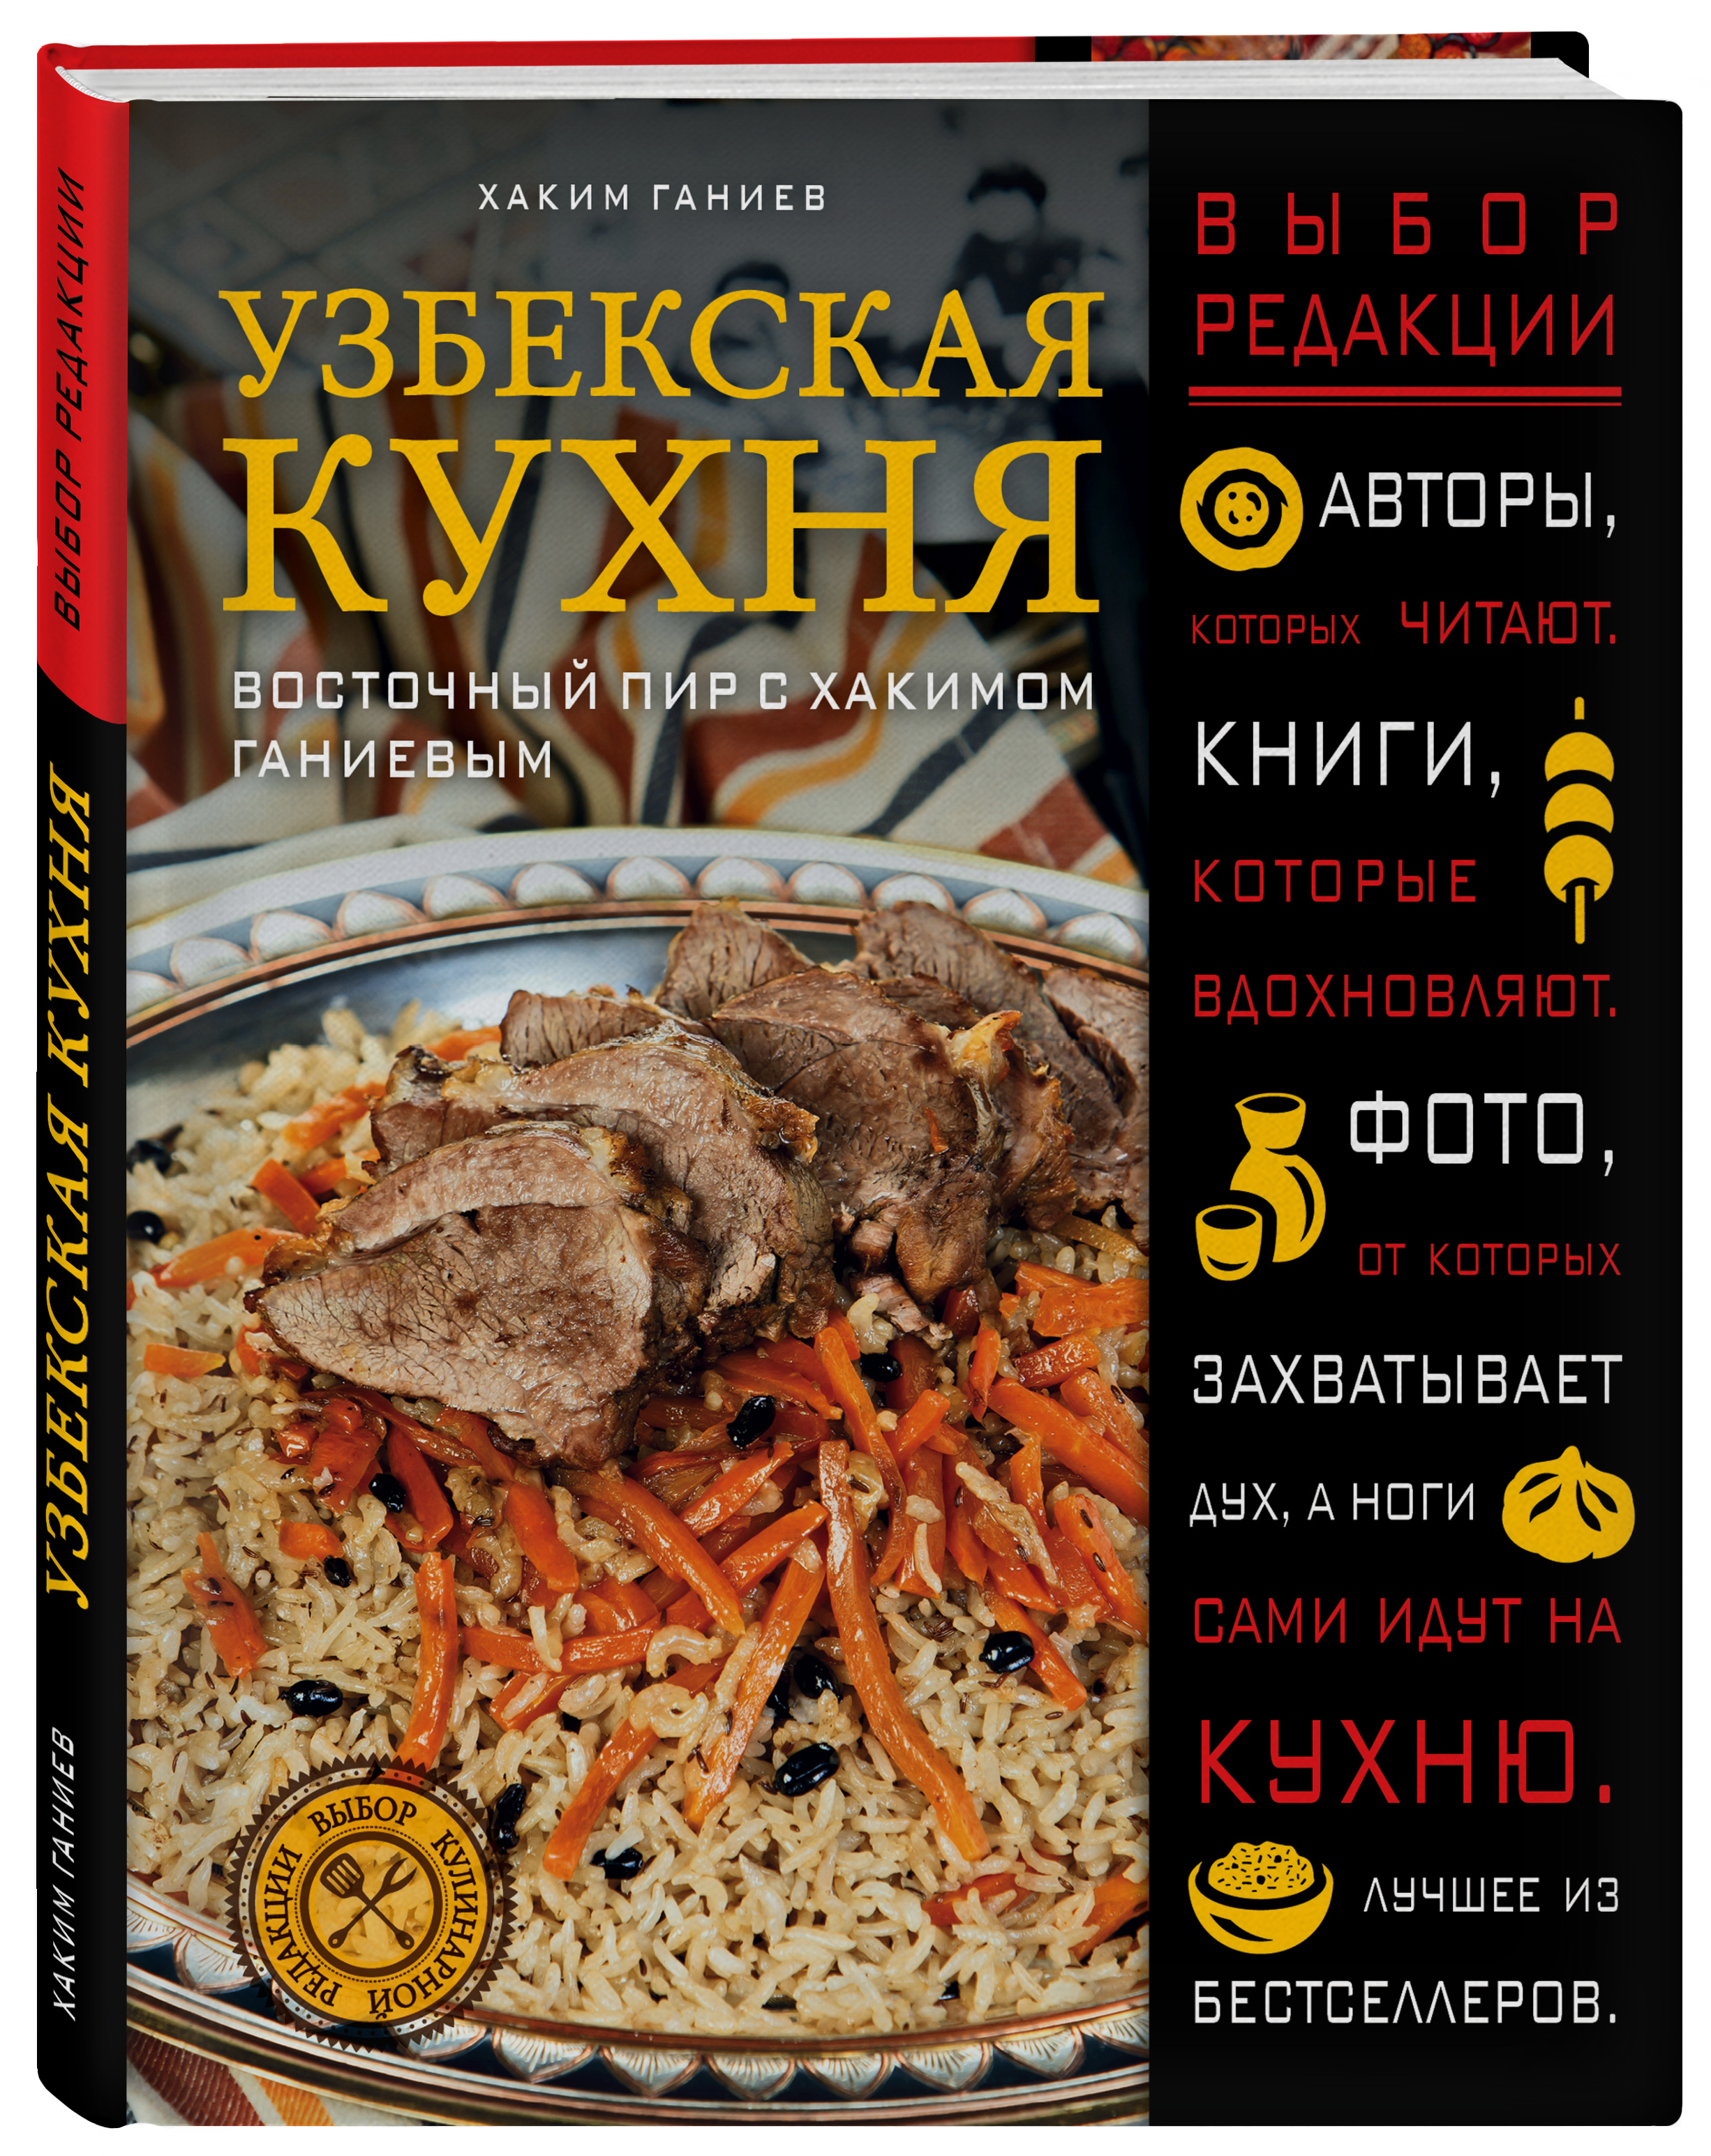 Хаким Ганиев Узбекская кухня. Восточный пир с Хакимом Ганиевым ганиев х узбекская кухня восточный пир с хакимом ганиевым